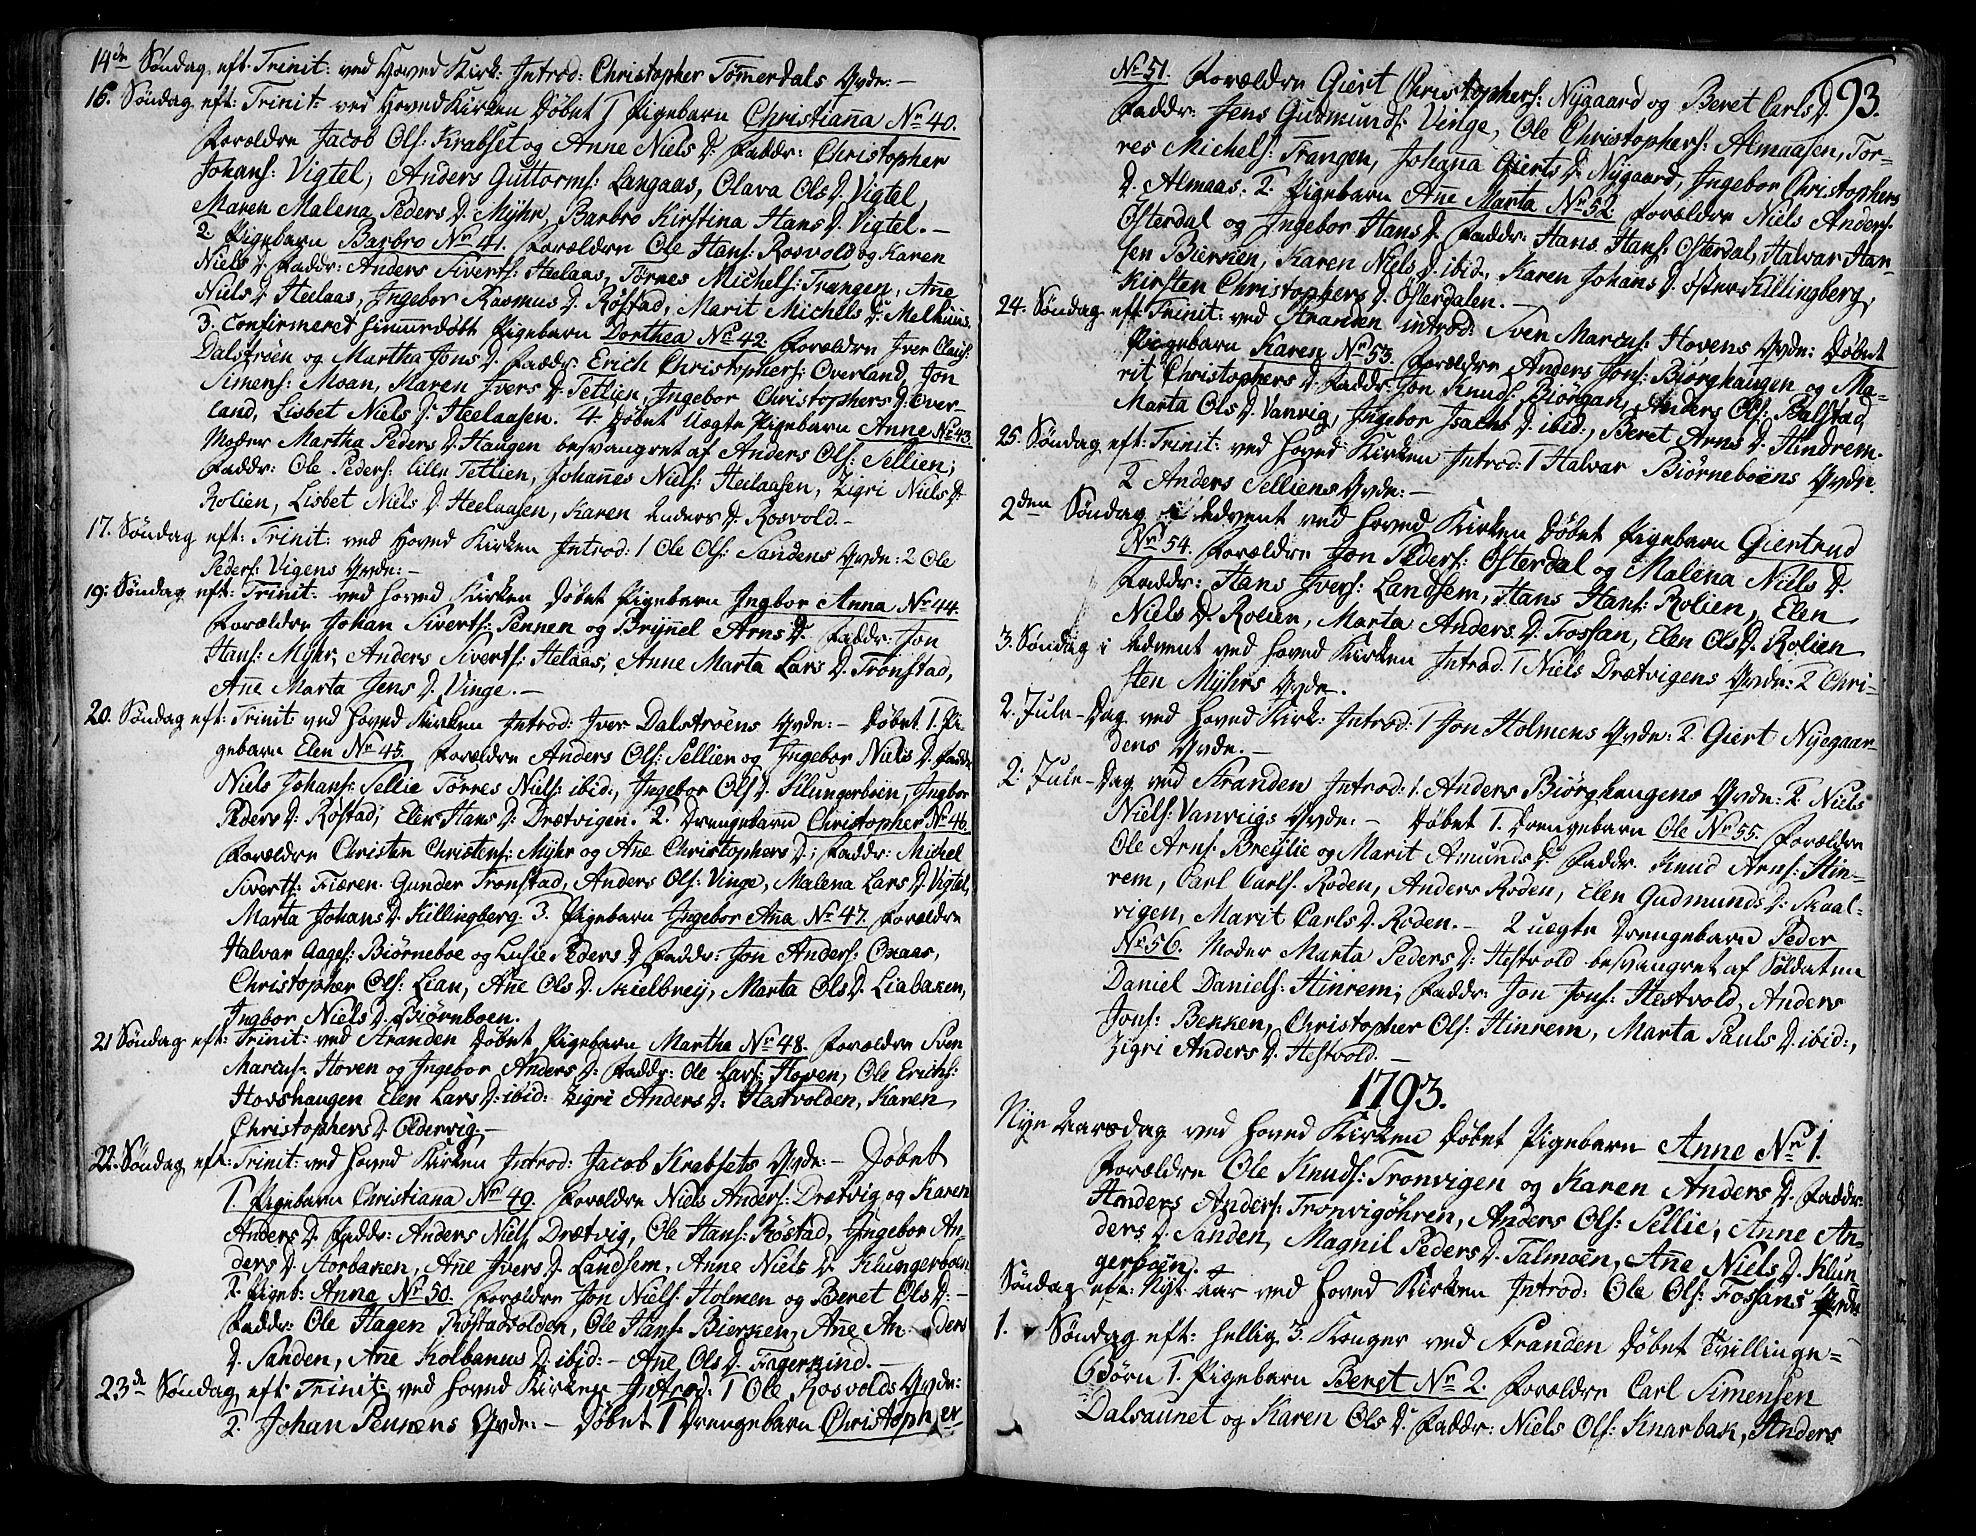 SAT, Ministerialprotokoller, klokkerbøker og fødselsregistre - Nord-Trøndelag, 701/L0004: Ministerialbok nr. 701A04, 1783-1816, s. 93